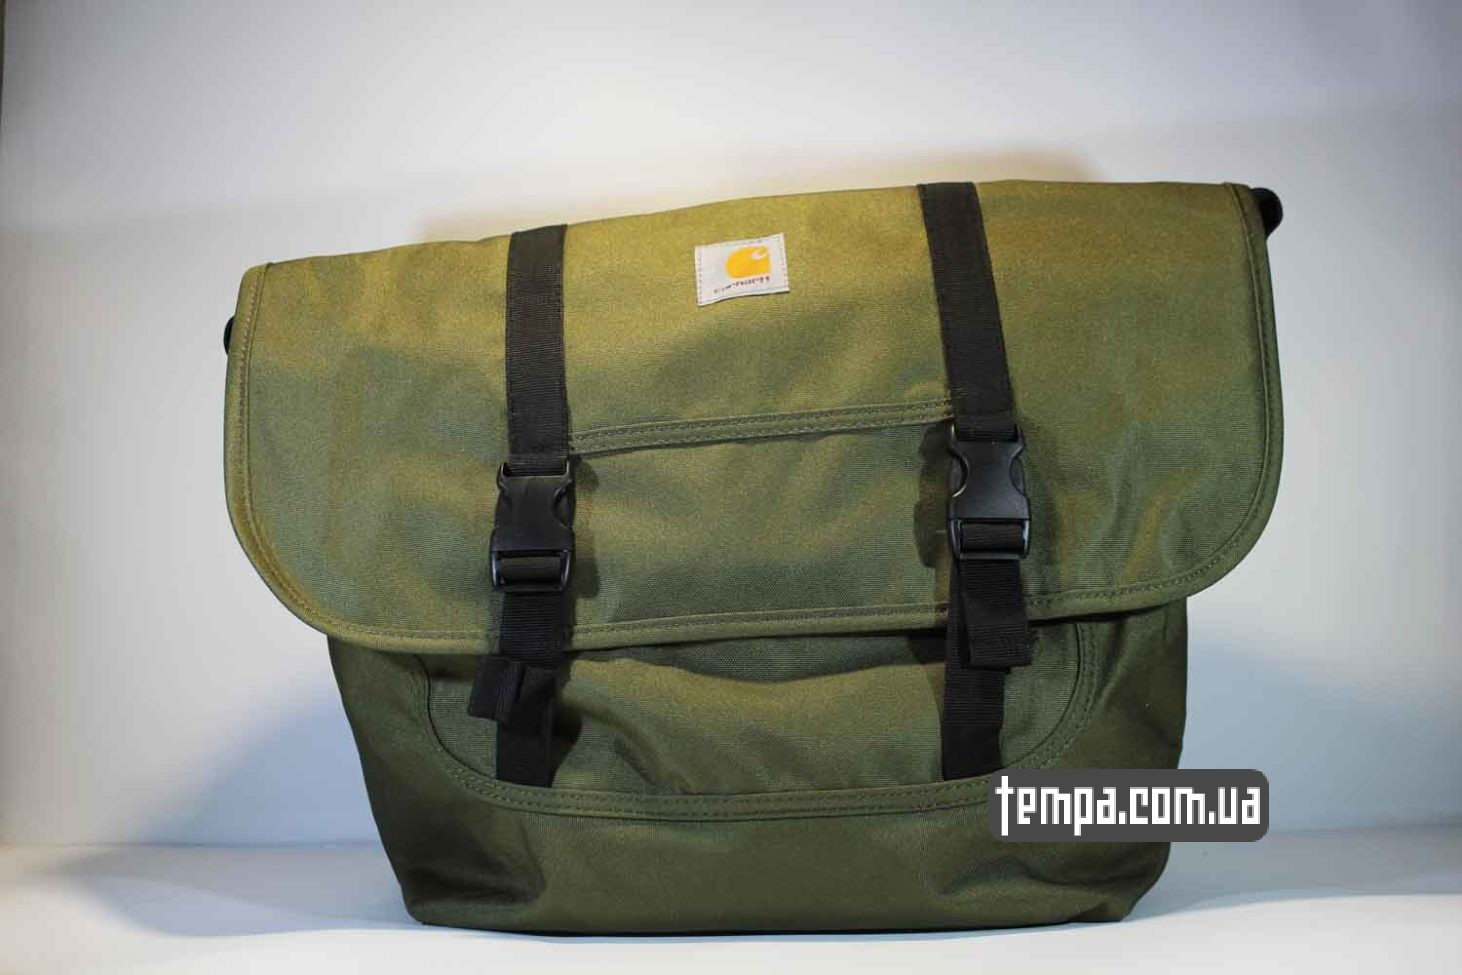 сумка через плечо carhartt зеленая купить Украина